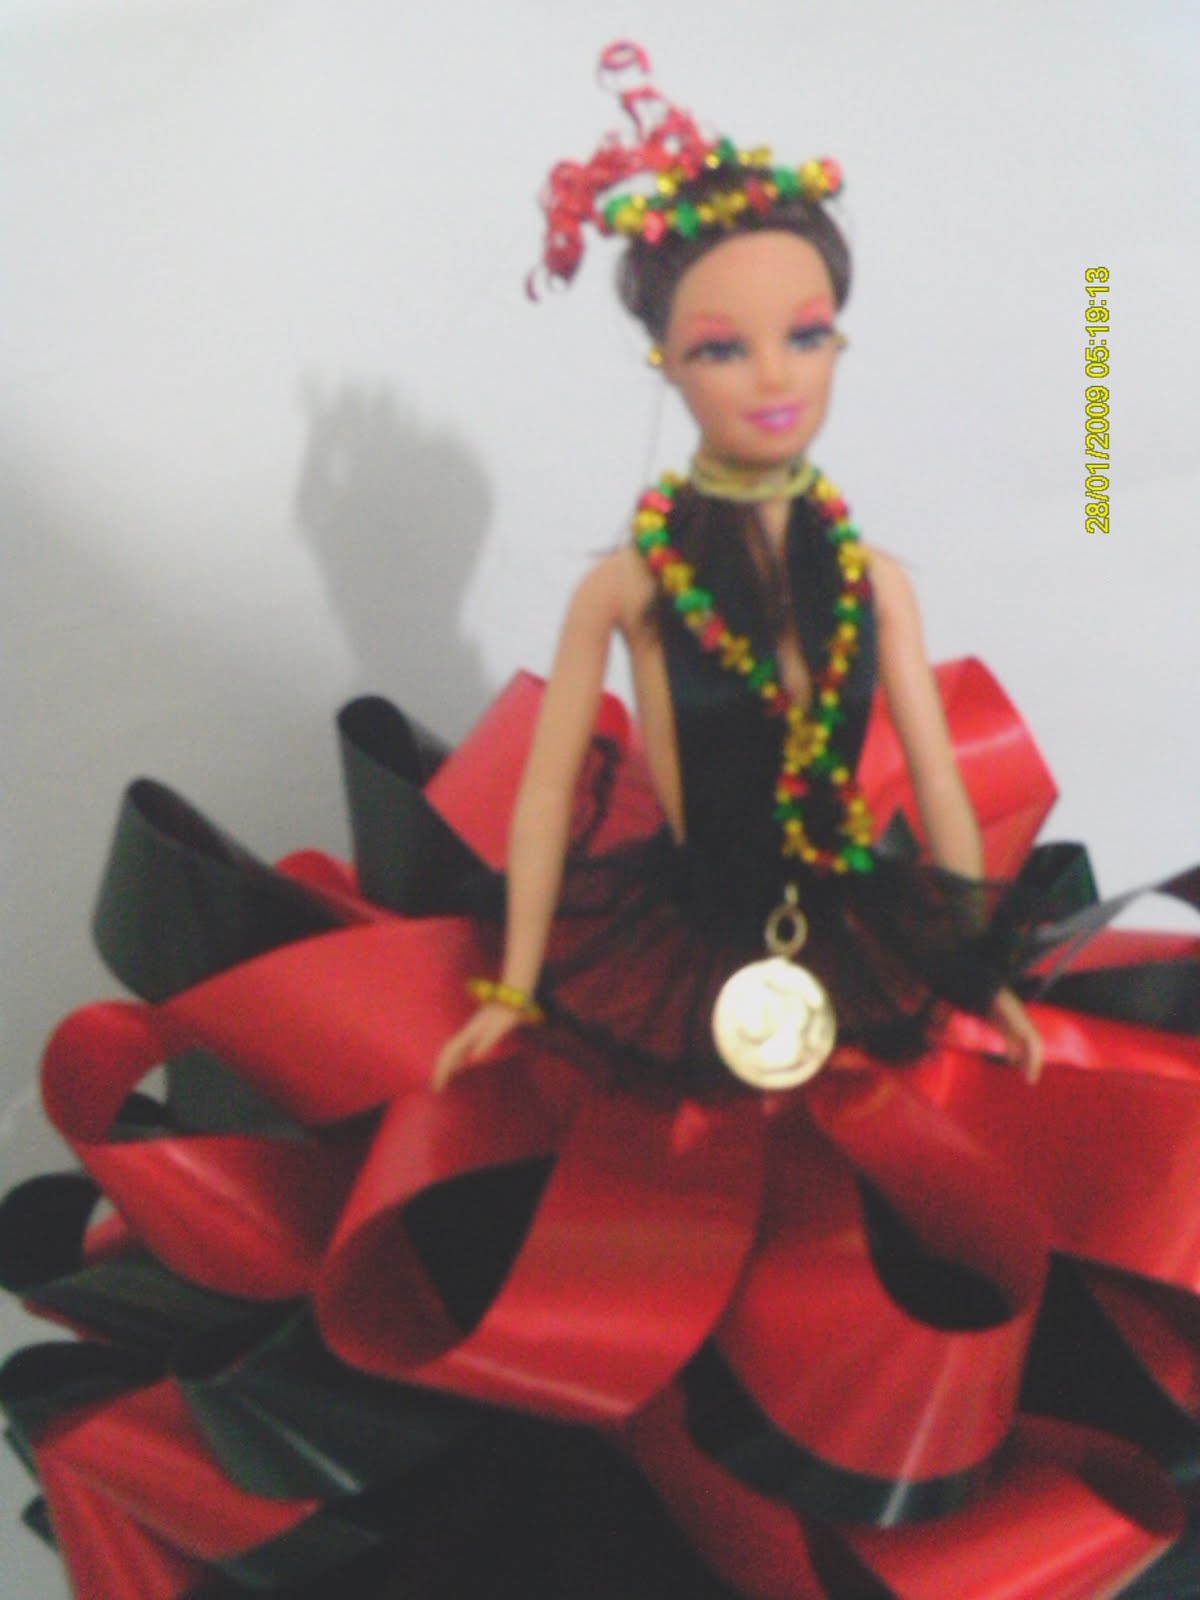 Bonita de santa rosa bailando - 4 2